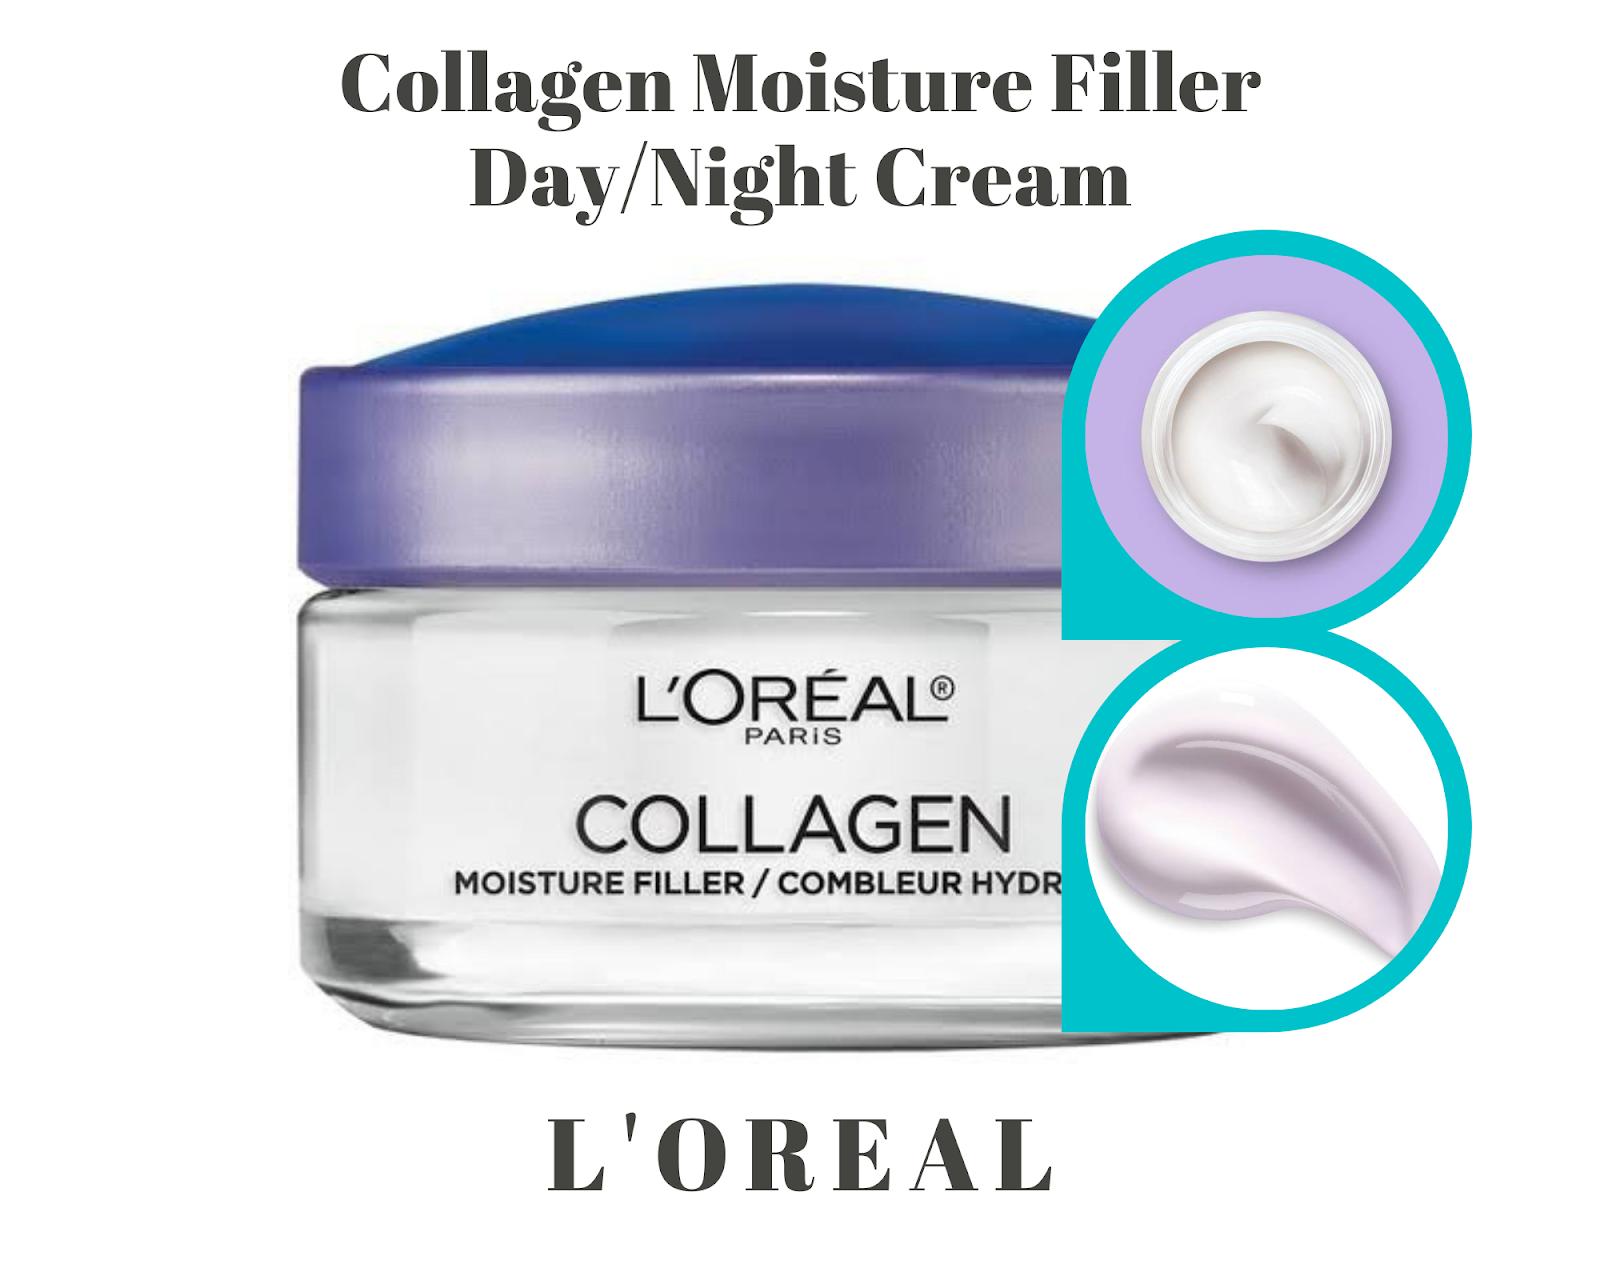 5. L'Oreal Collagen Moisture Filler